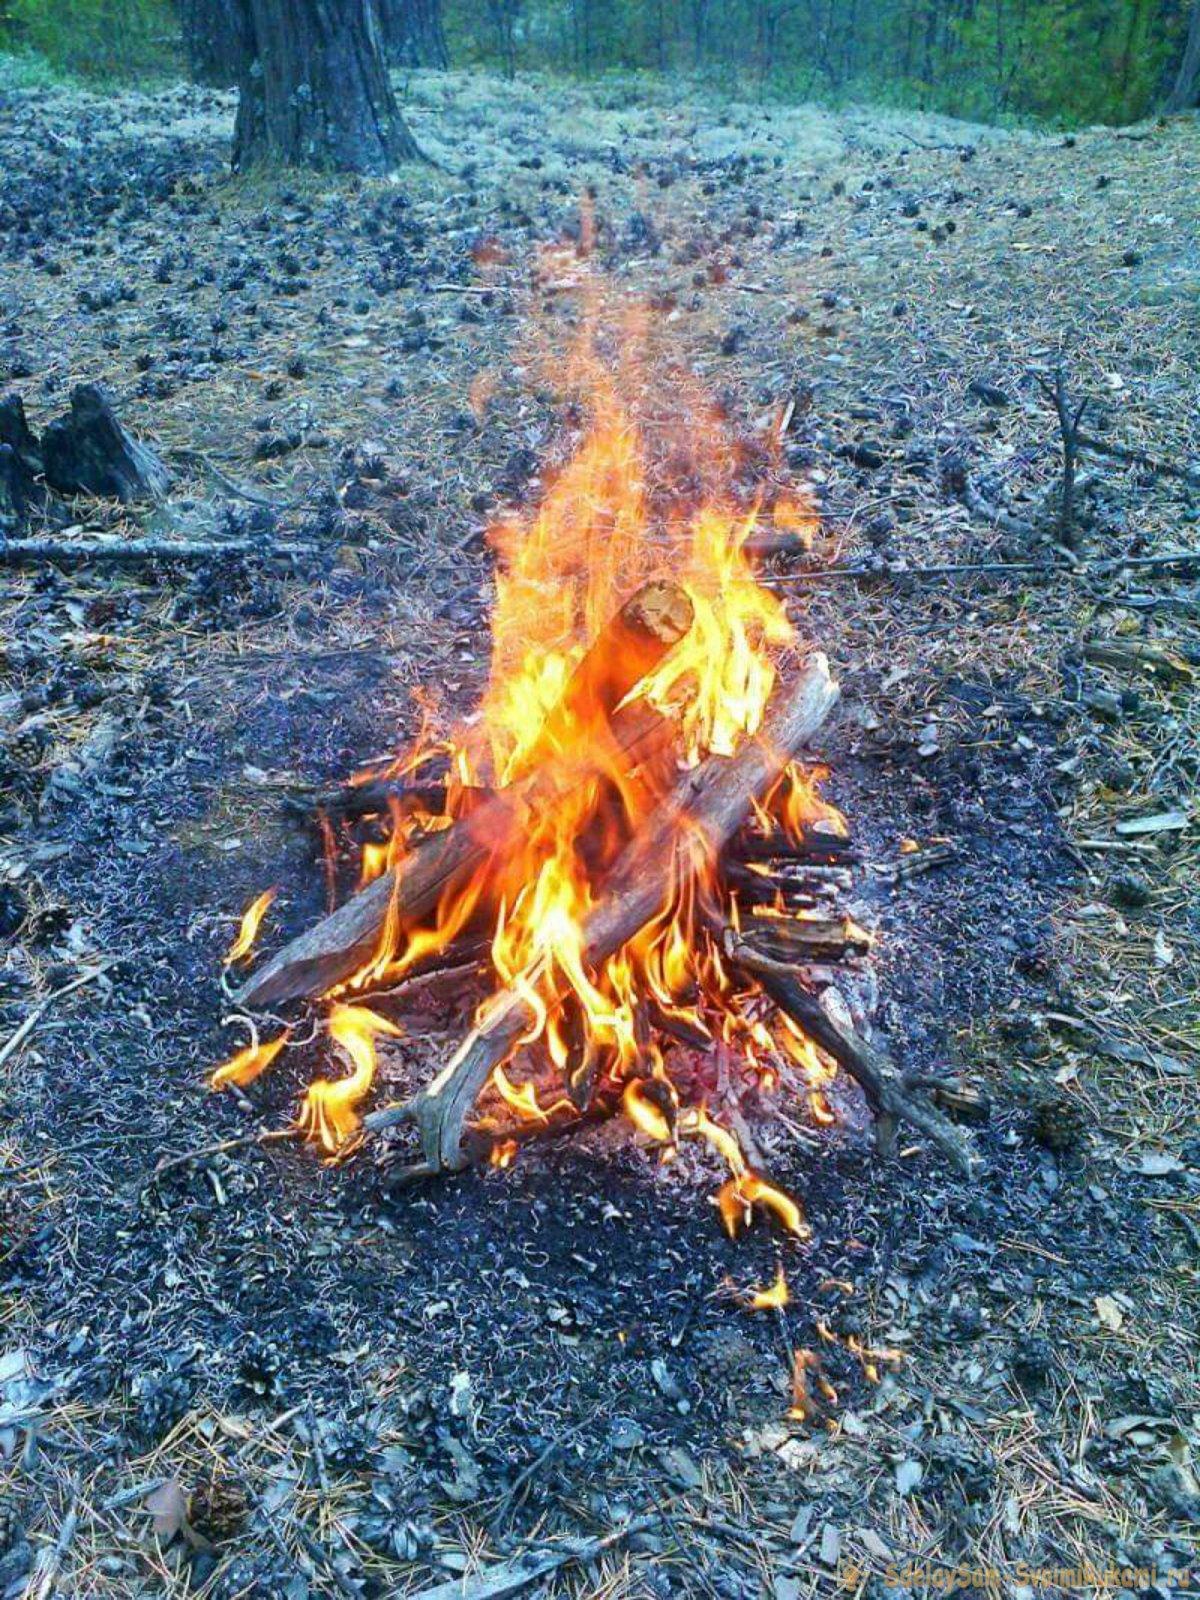 Как добыть огонь в лесу без спичек и зажигалки